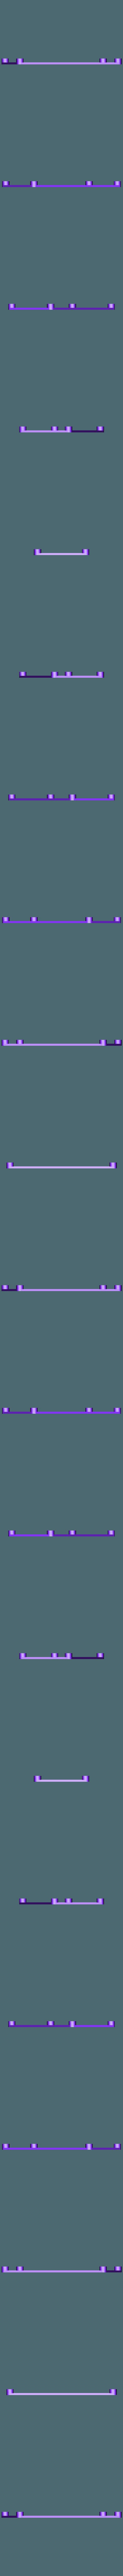 ARM-Meanwell_EPP-100.STL Télécharger fichier STL gratuit Bras pour circuit imprimé pour Arduino UNO et MeanWell EPP-100-24 • Plan pour imprimante 3D, perinski